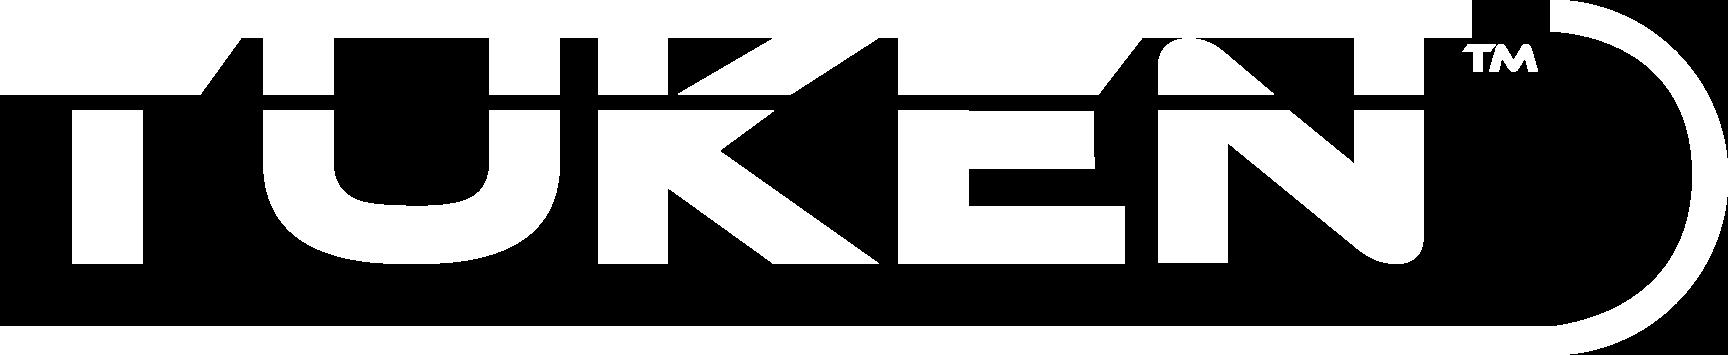 tuken_logo